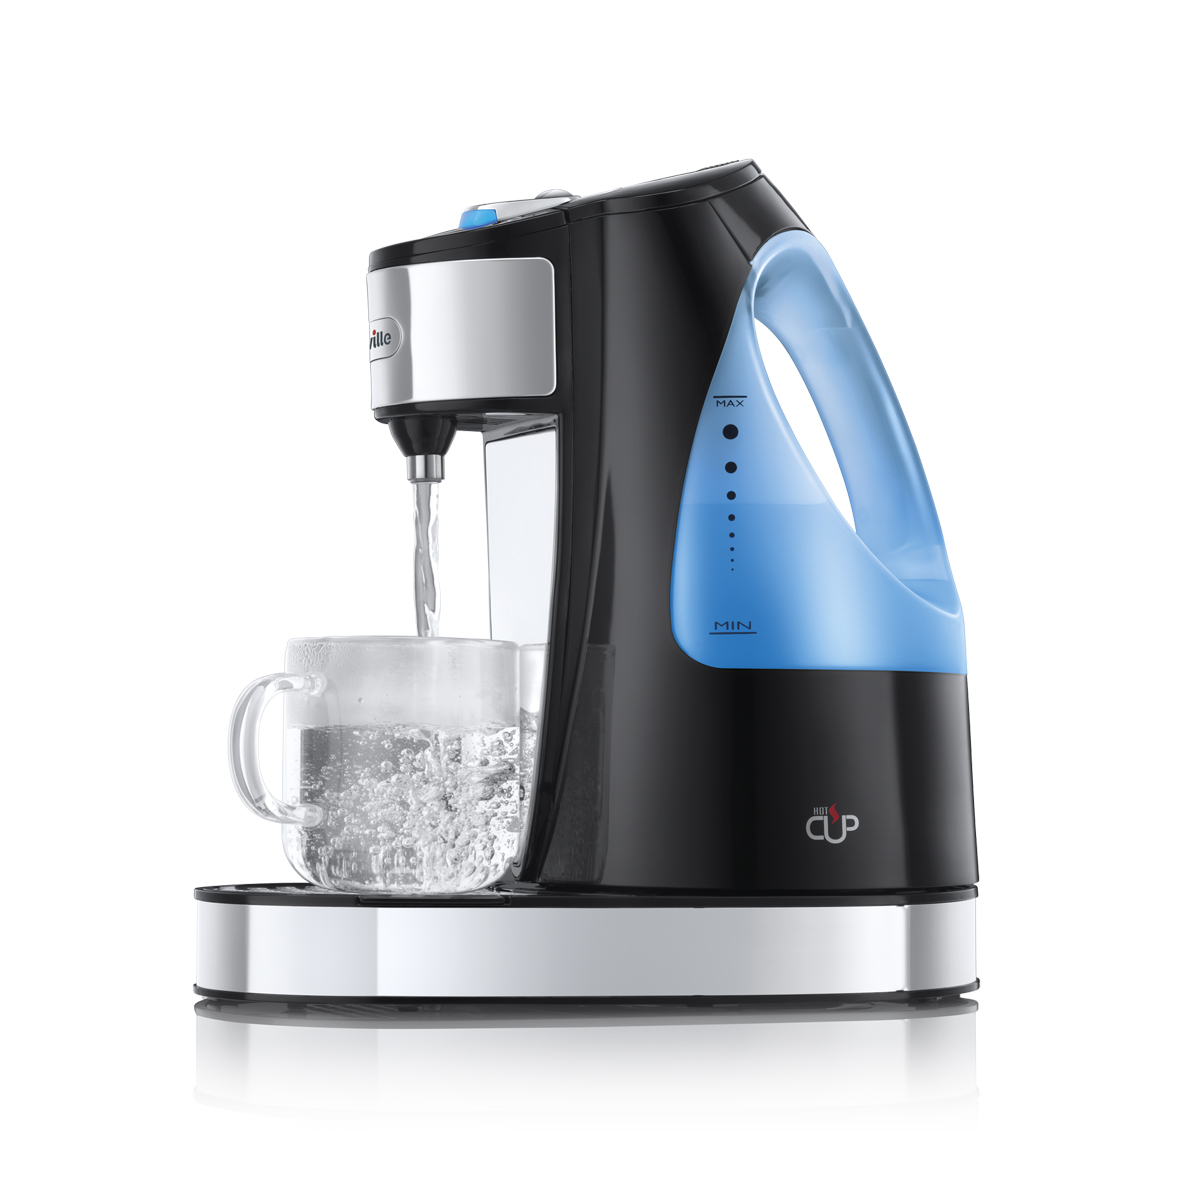 one cup hot water dispenser vkj142 breville. Black Bedroom Furniture Sets. Home Design Ideas